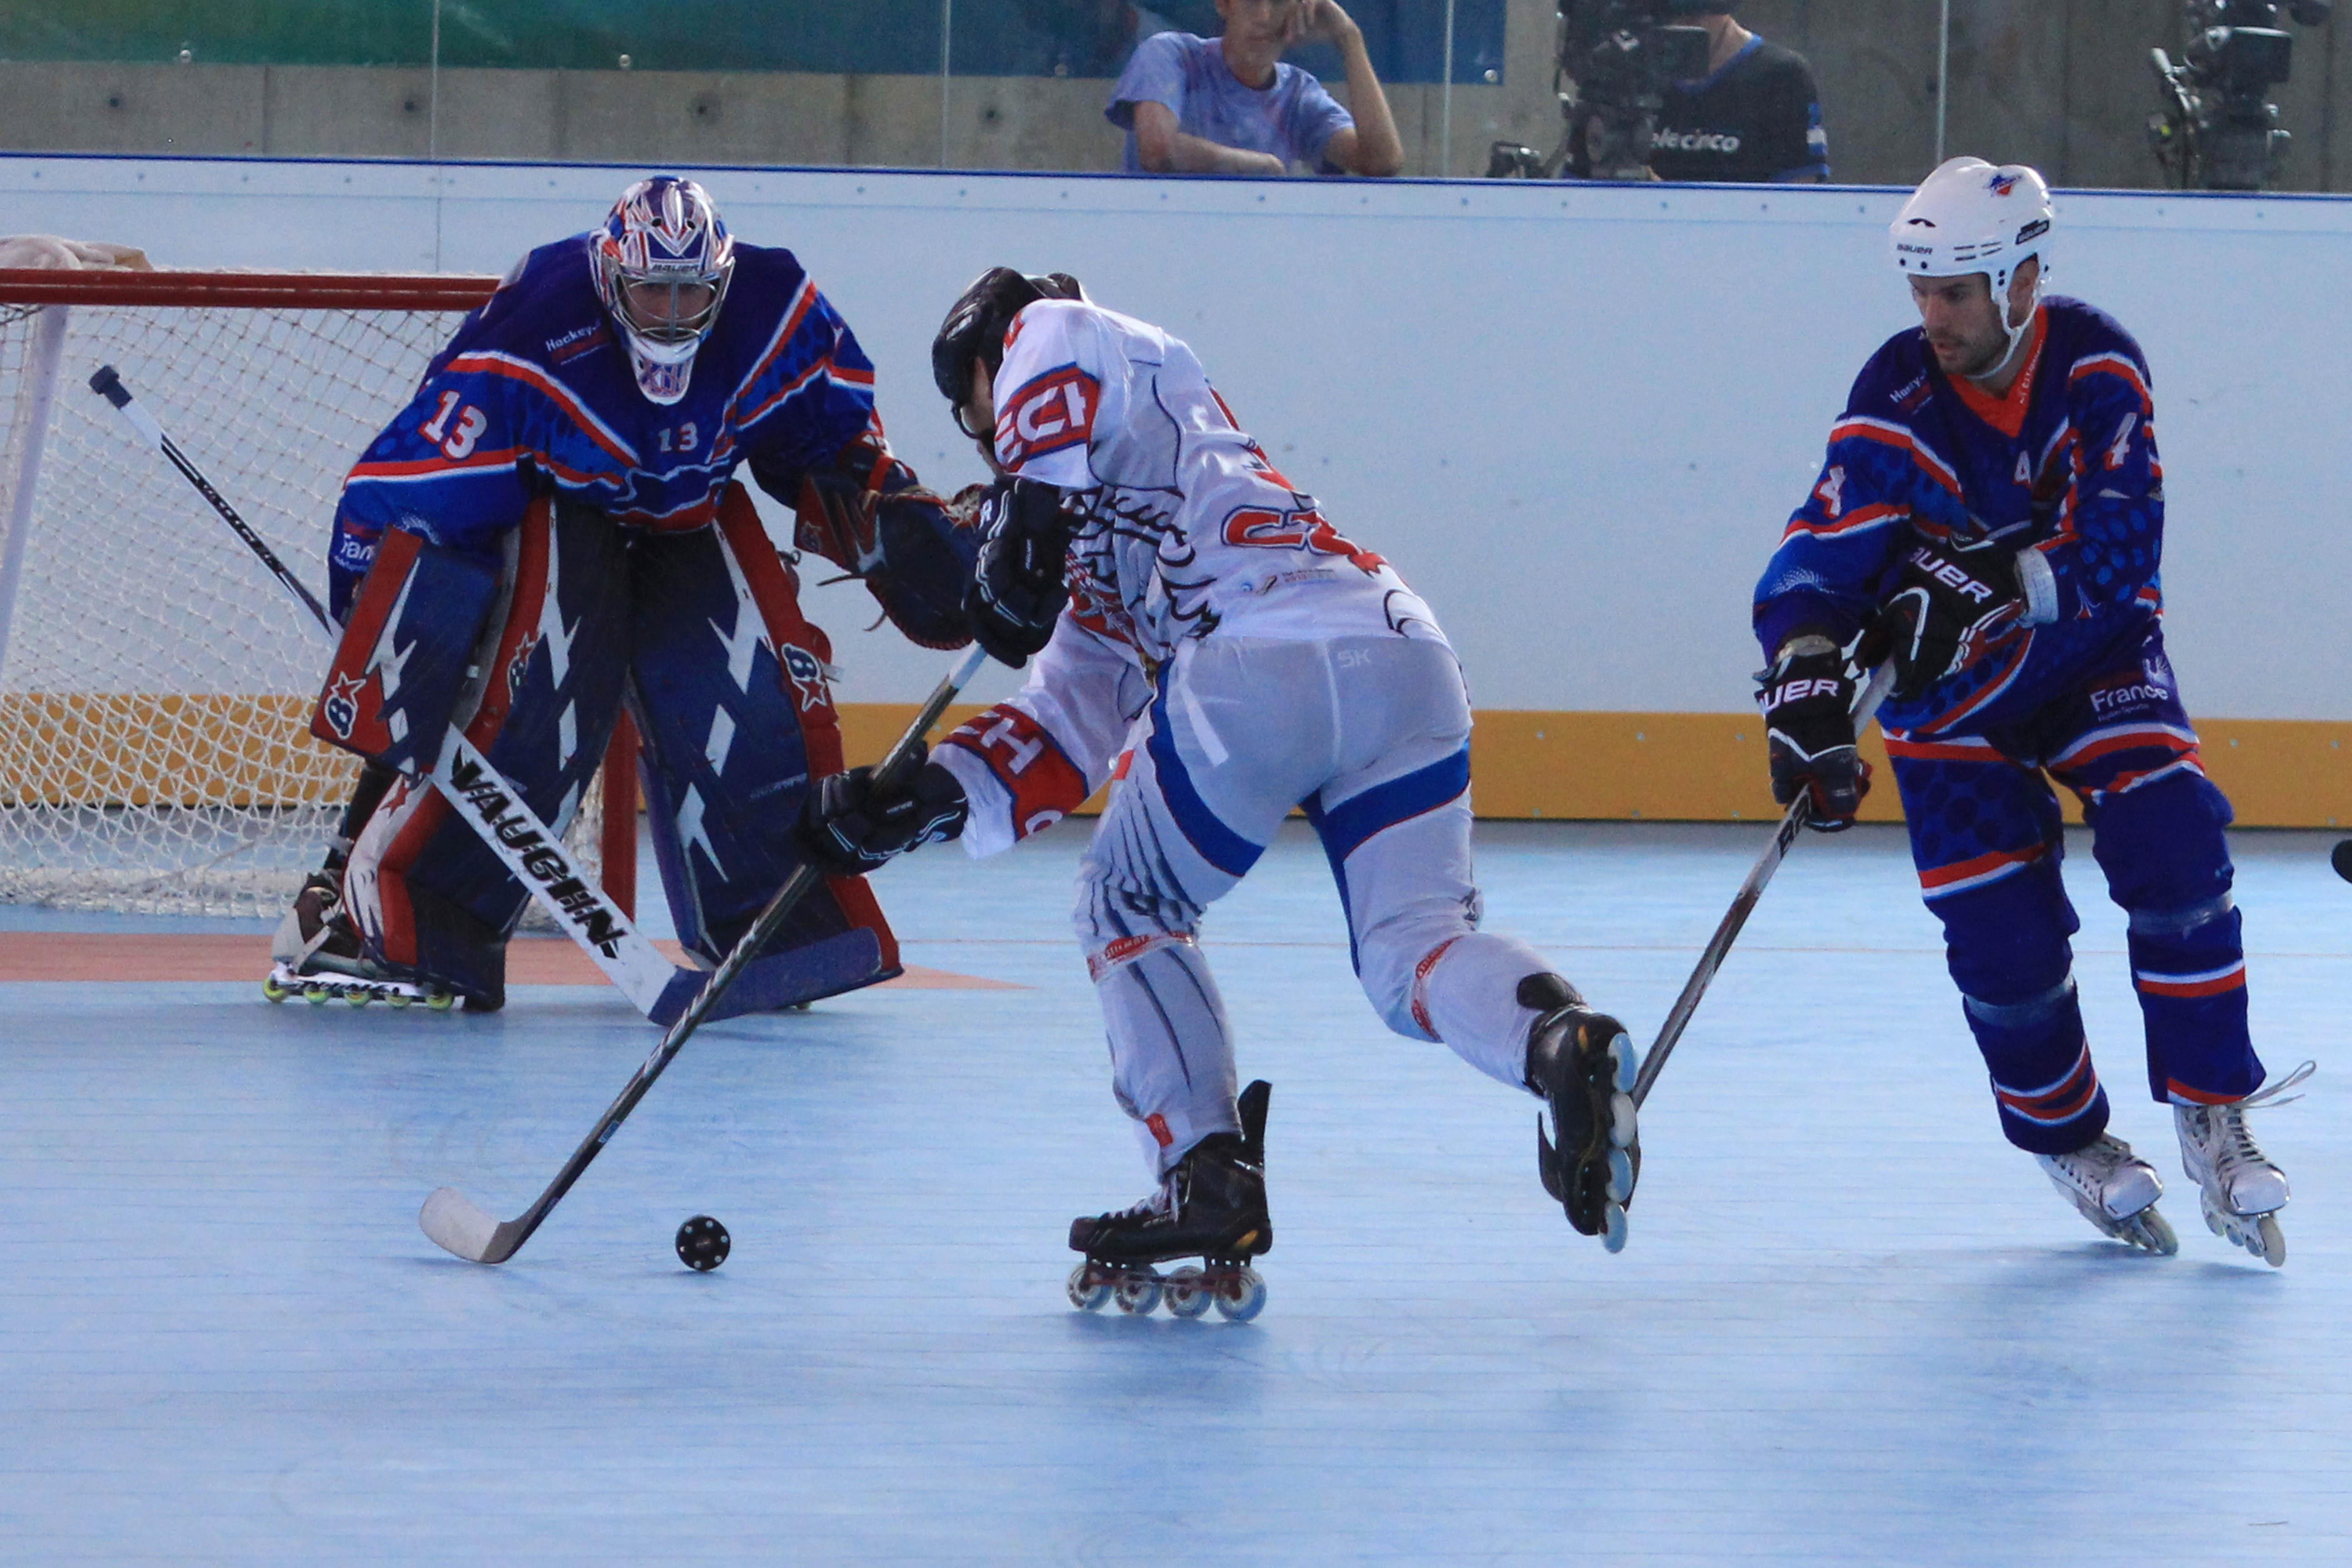 La rapidez y la destreza del hockey en línea han emocionado a los caleños